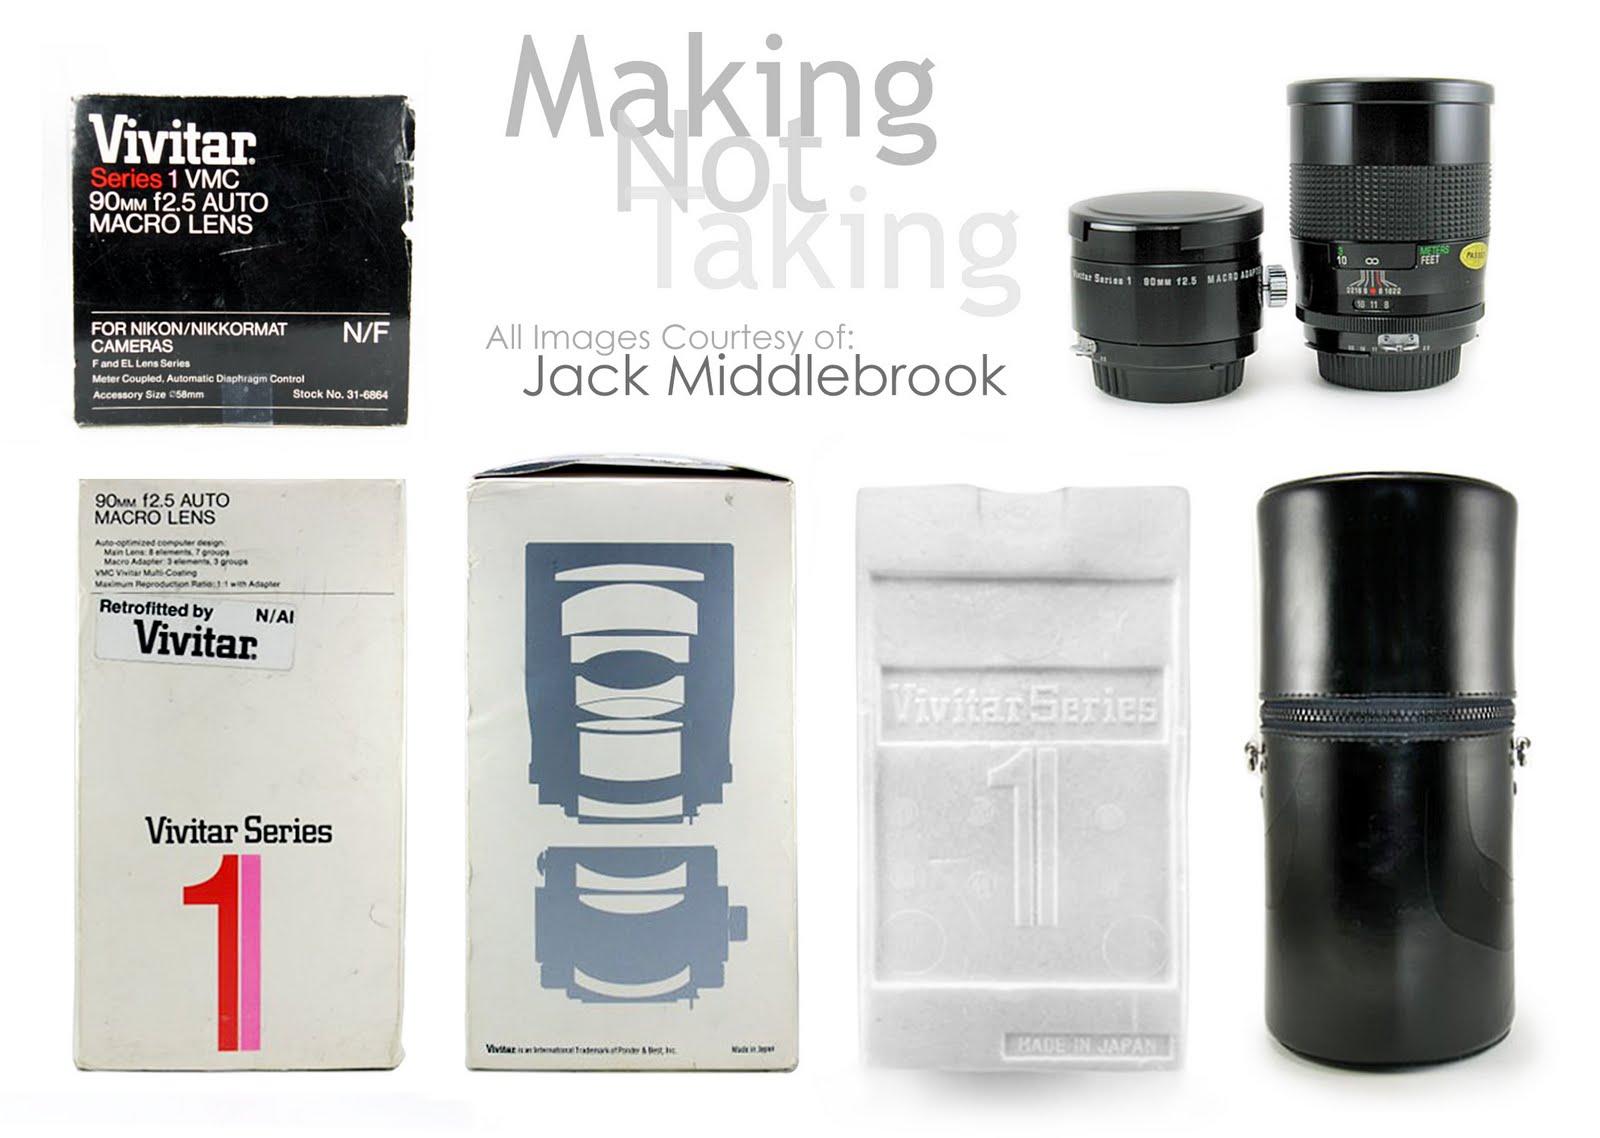 Making Not Taking: Vivitar Series 1 90mm f/2 5 VMC 1:2